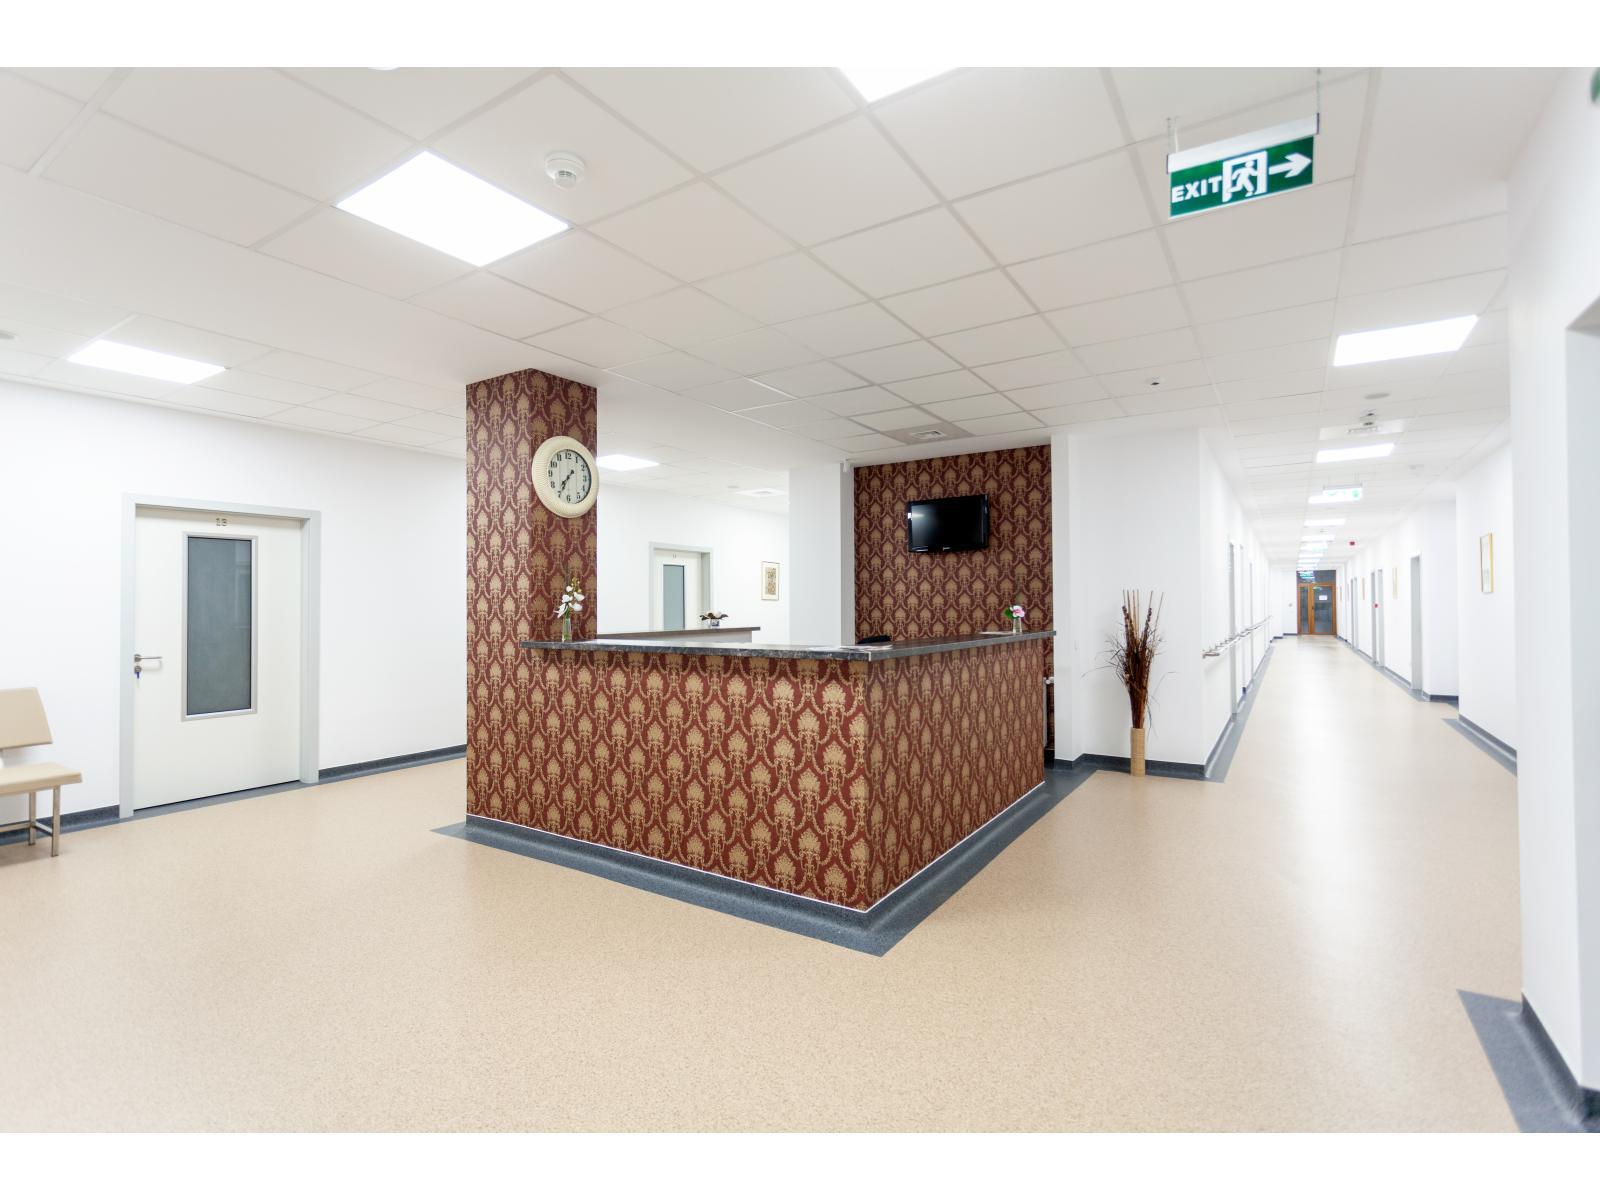 Royal Hospital - IMG_4125.jpg